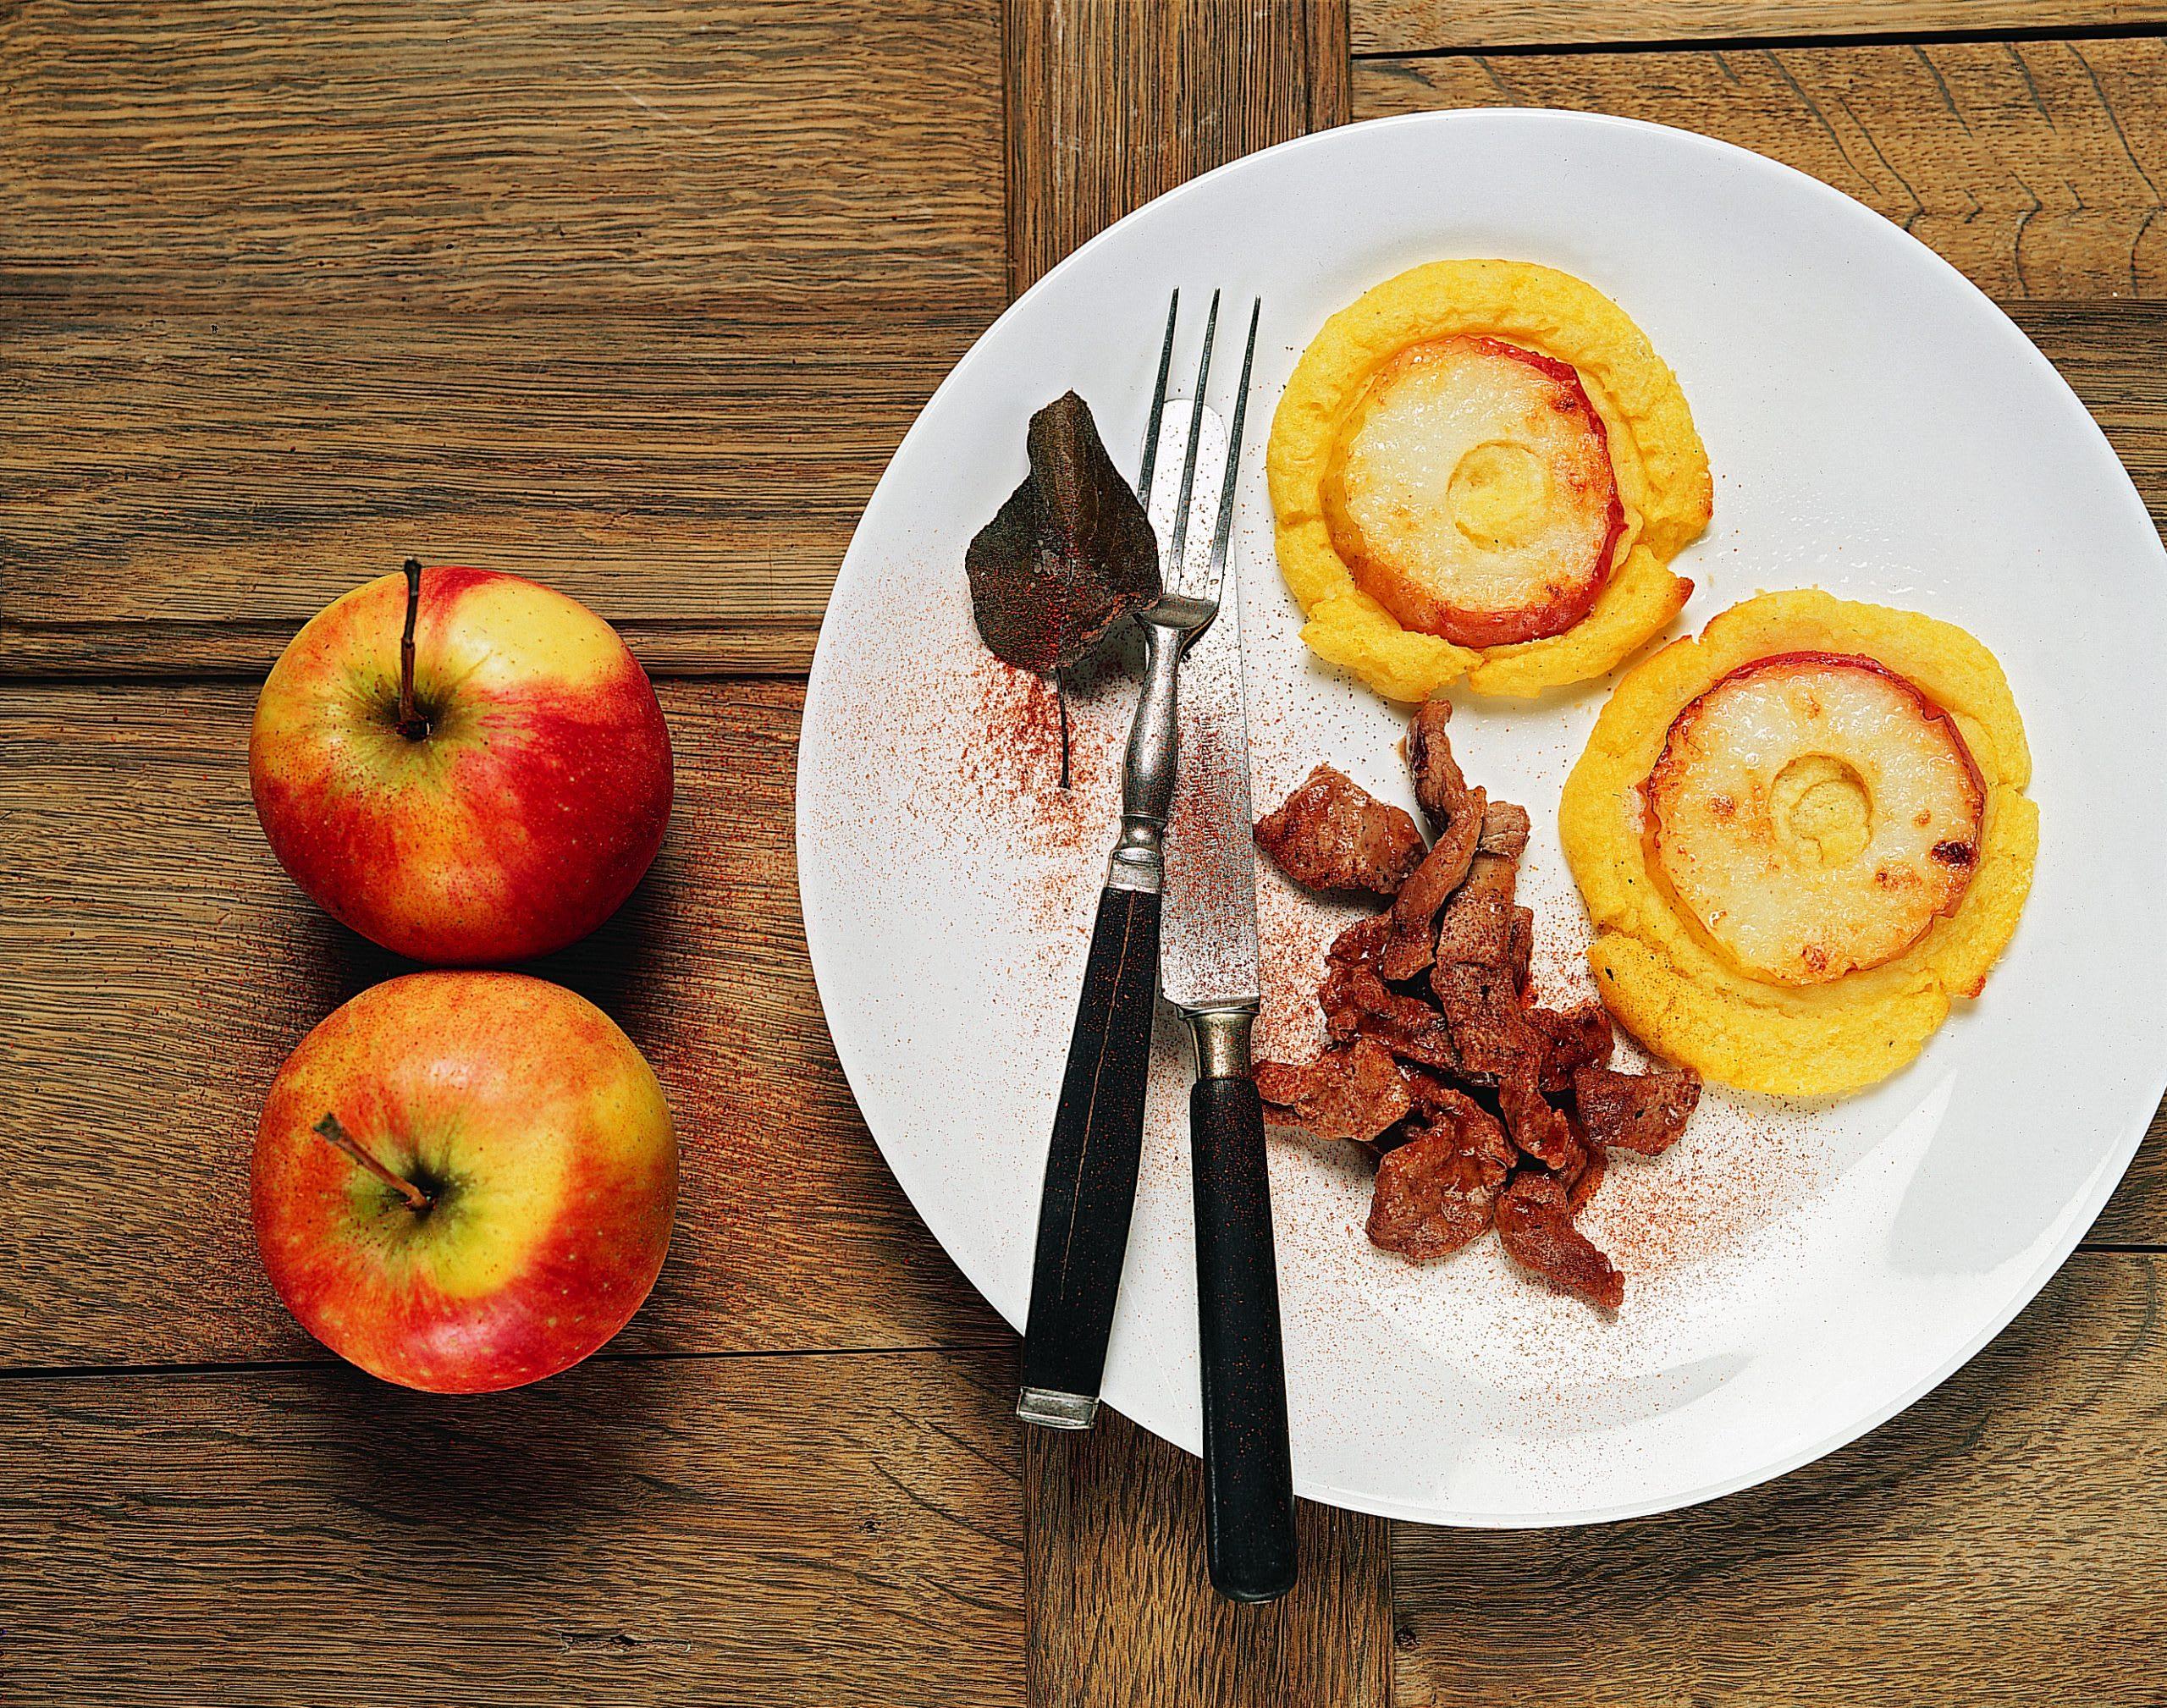 Apfel-Kartoffel-Tätschli